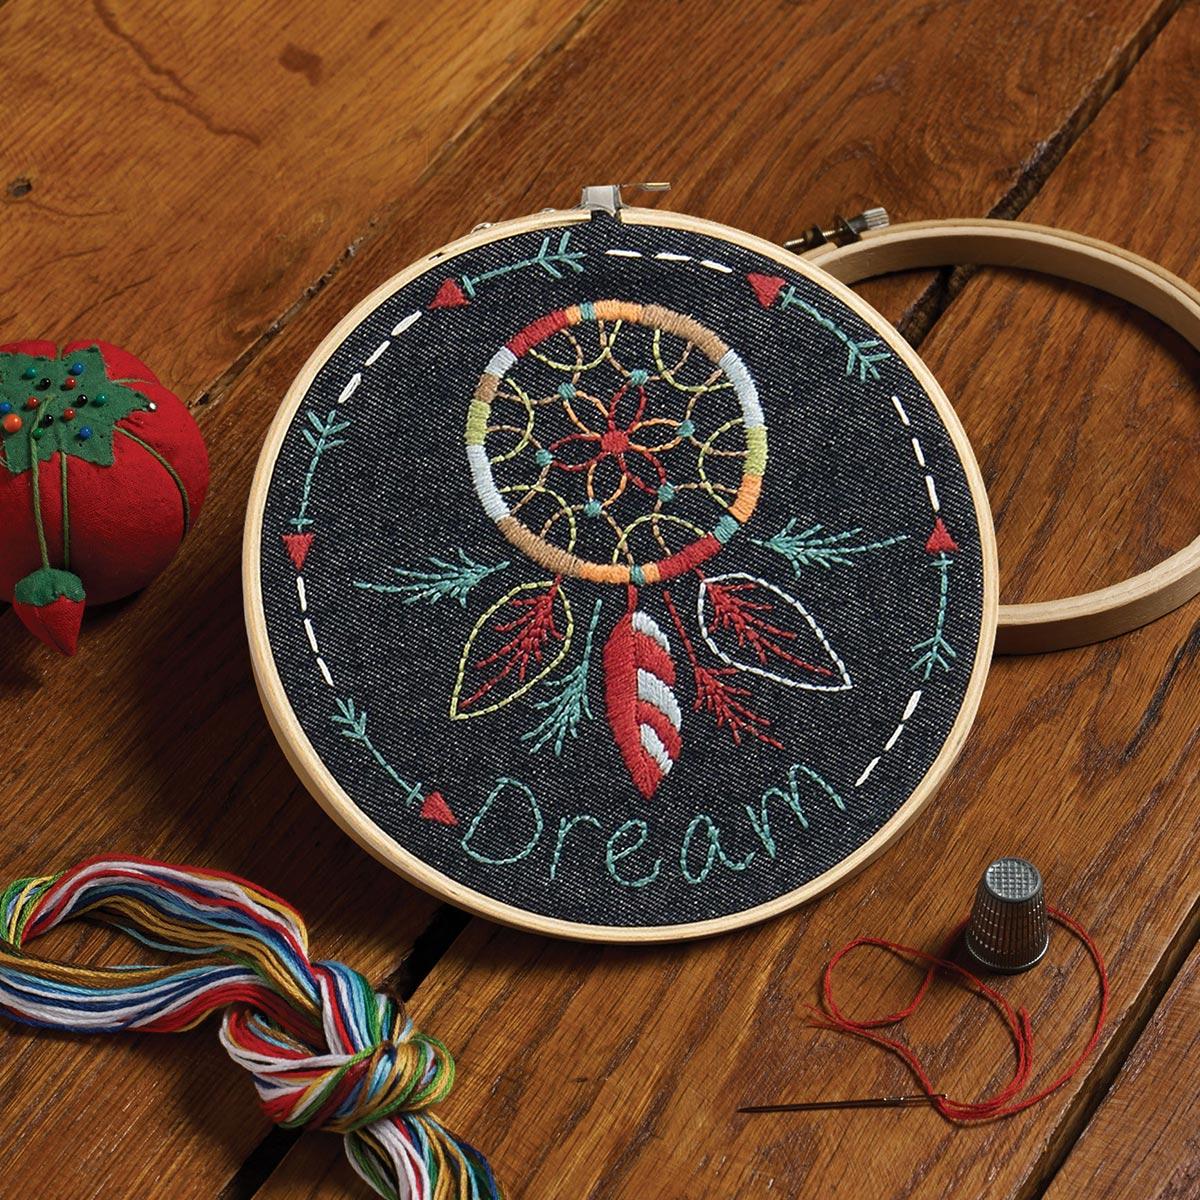 Bucilla ® Stamped Embroidery Handmade Charlotte™ - Denim Dream Catcher